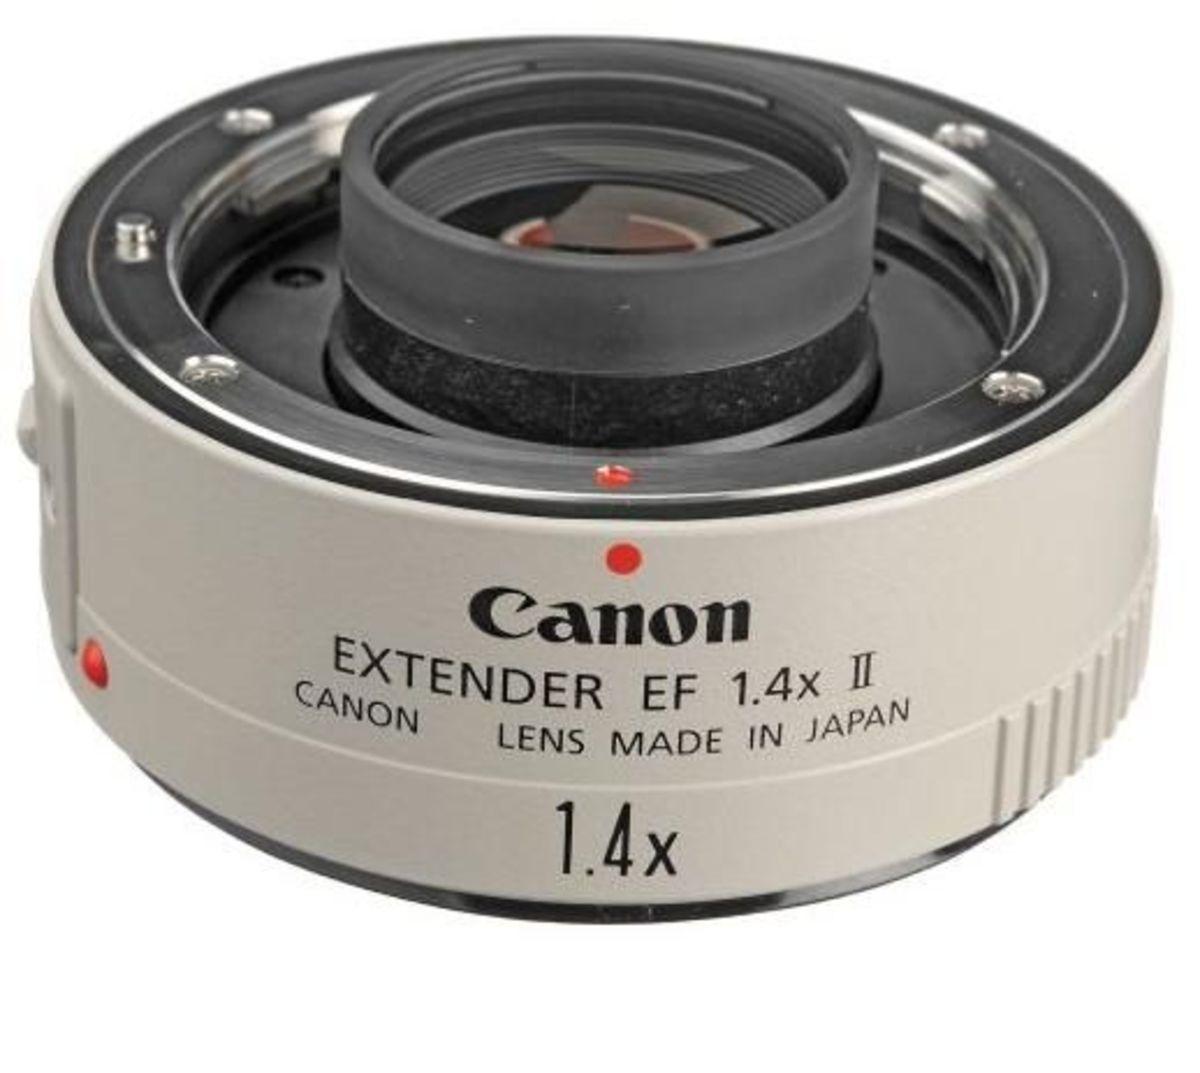 canon eos 7d extender